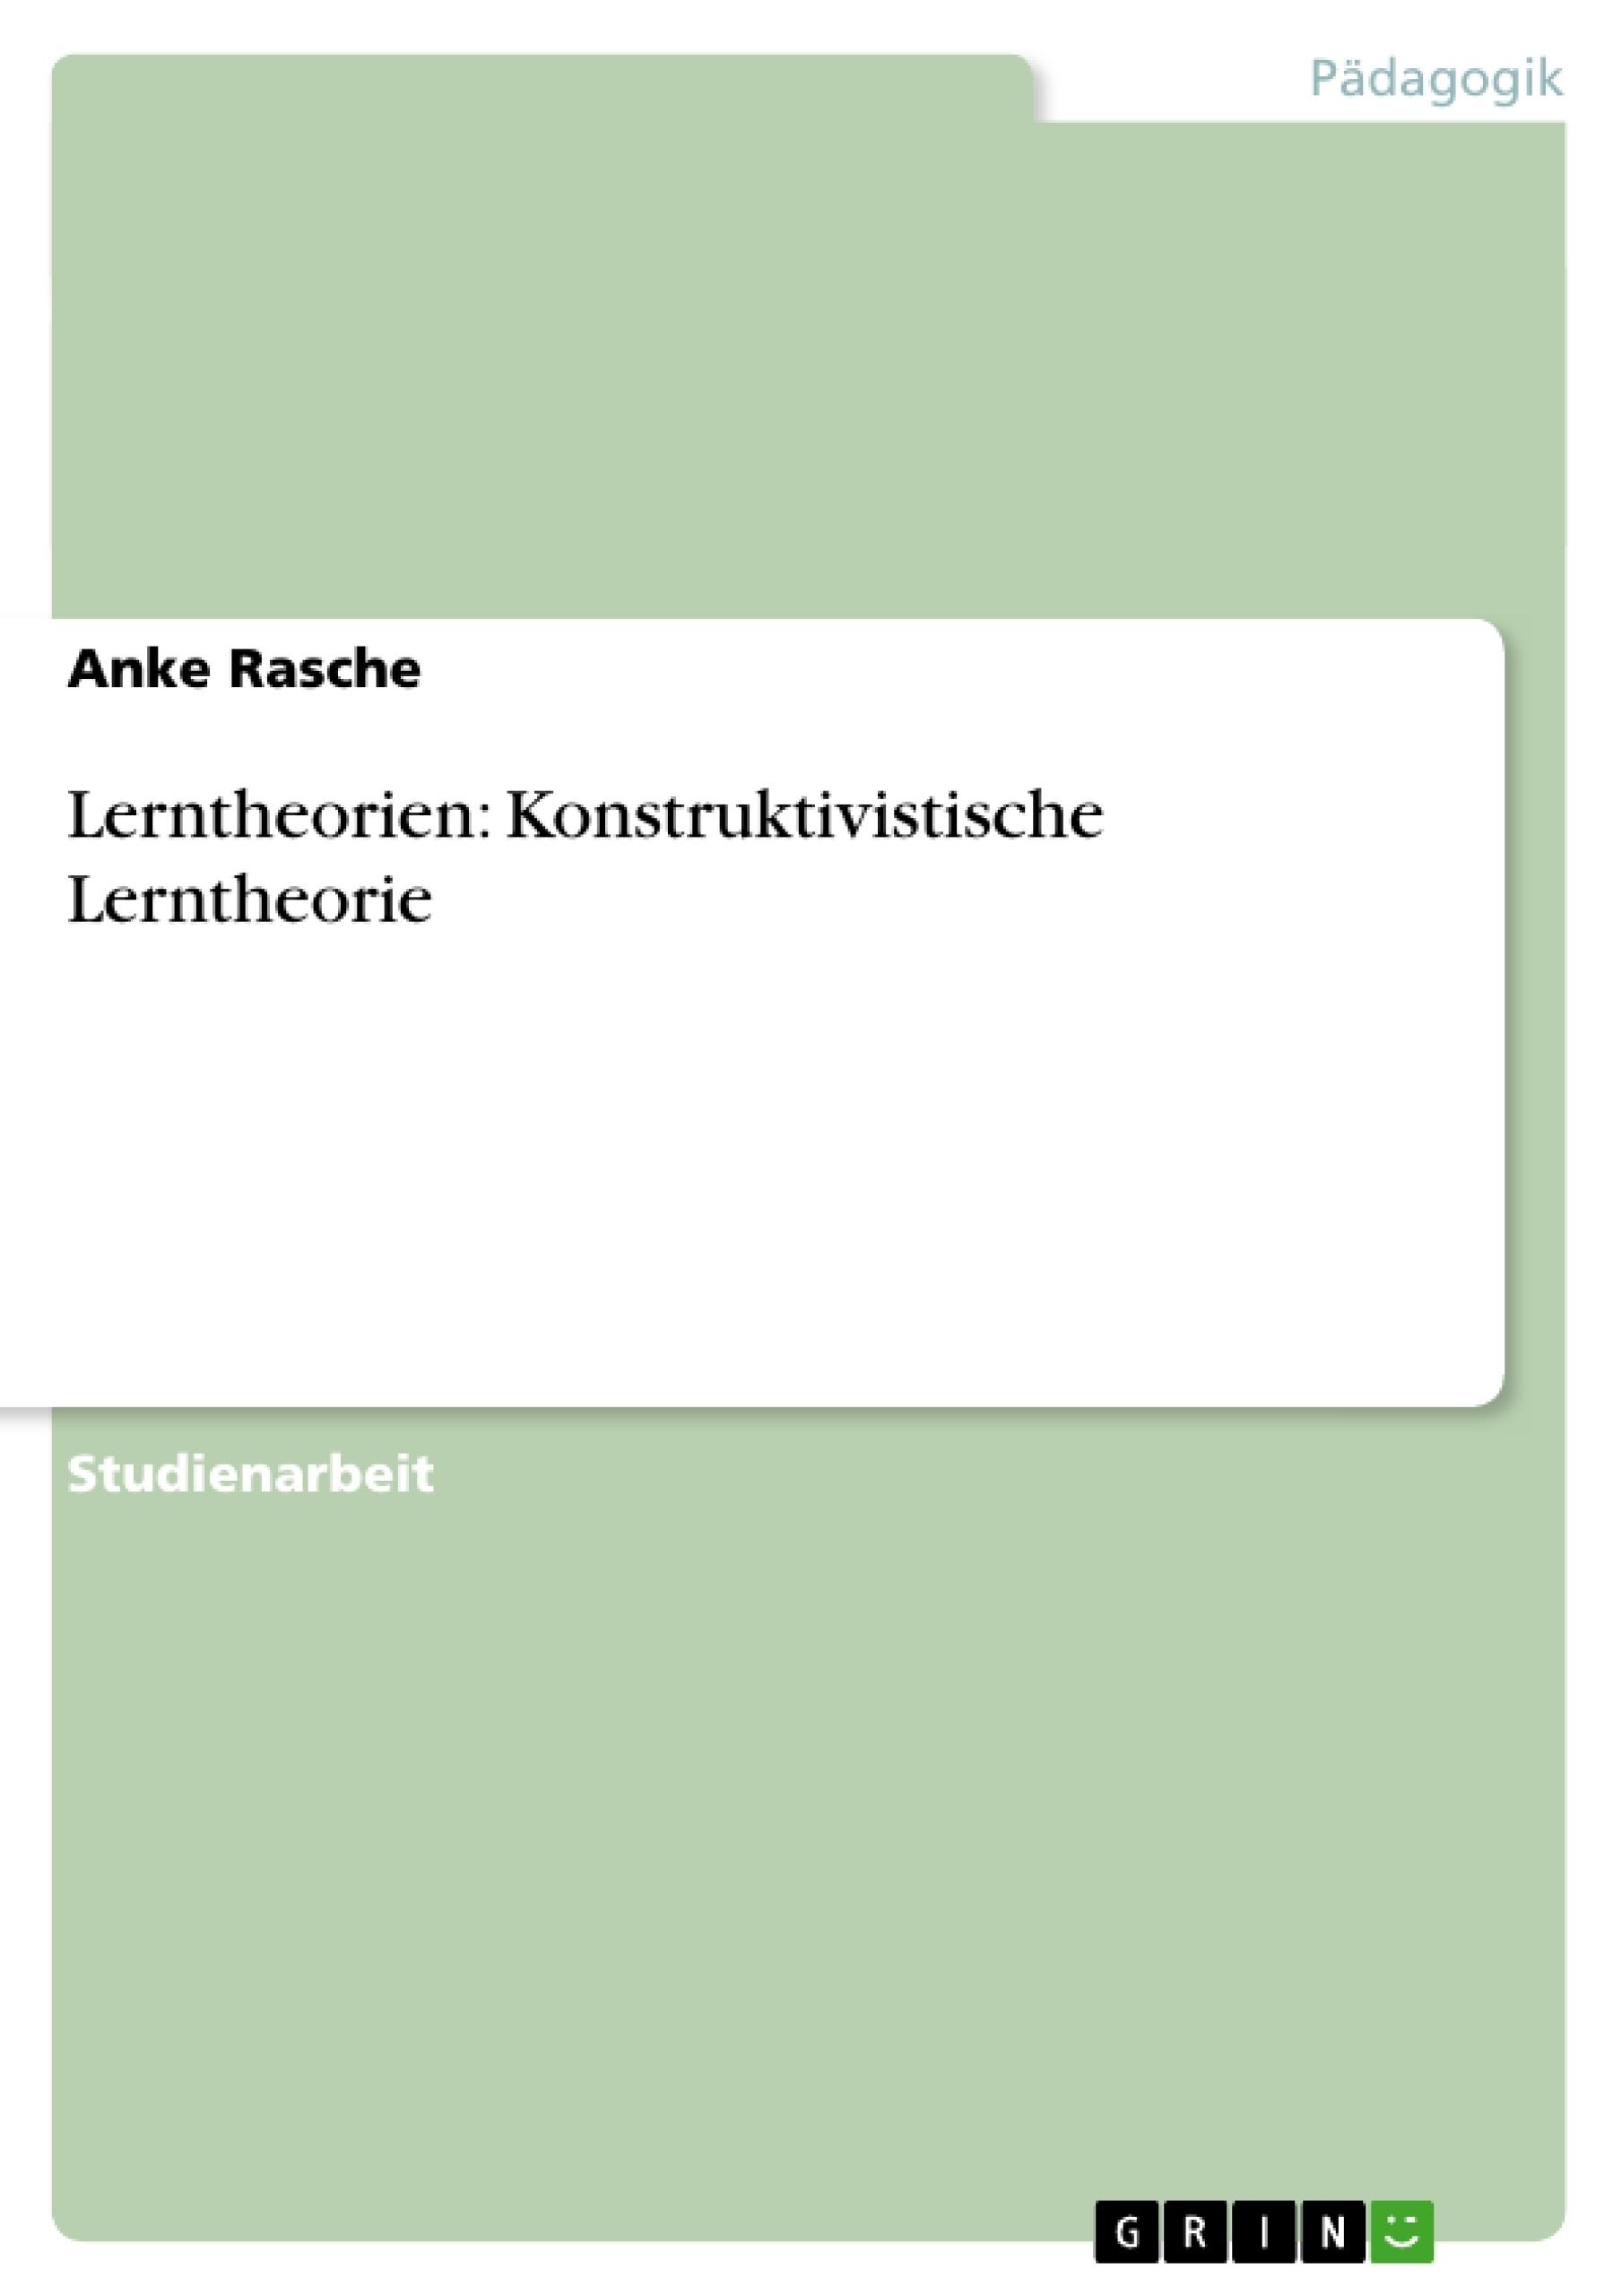 Titel: Lerntheorien: Konstruktivistische Lerntheorie